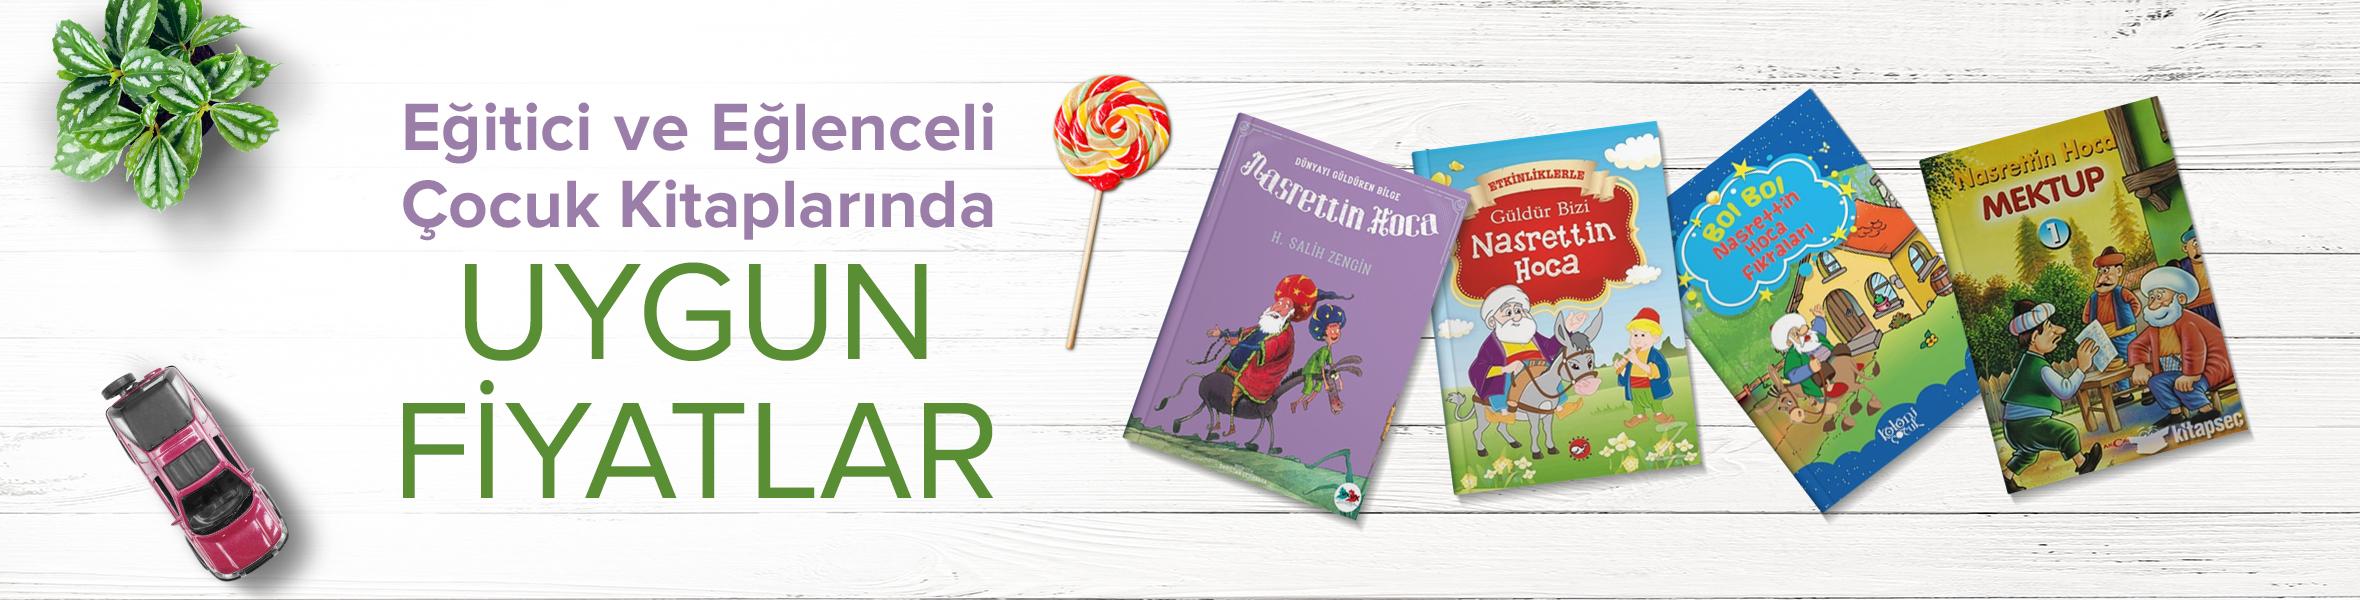 Eğitici ve Eğlenceli Çocuk Kitaplarında Uygun Fiyatlar